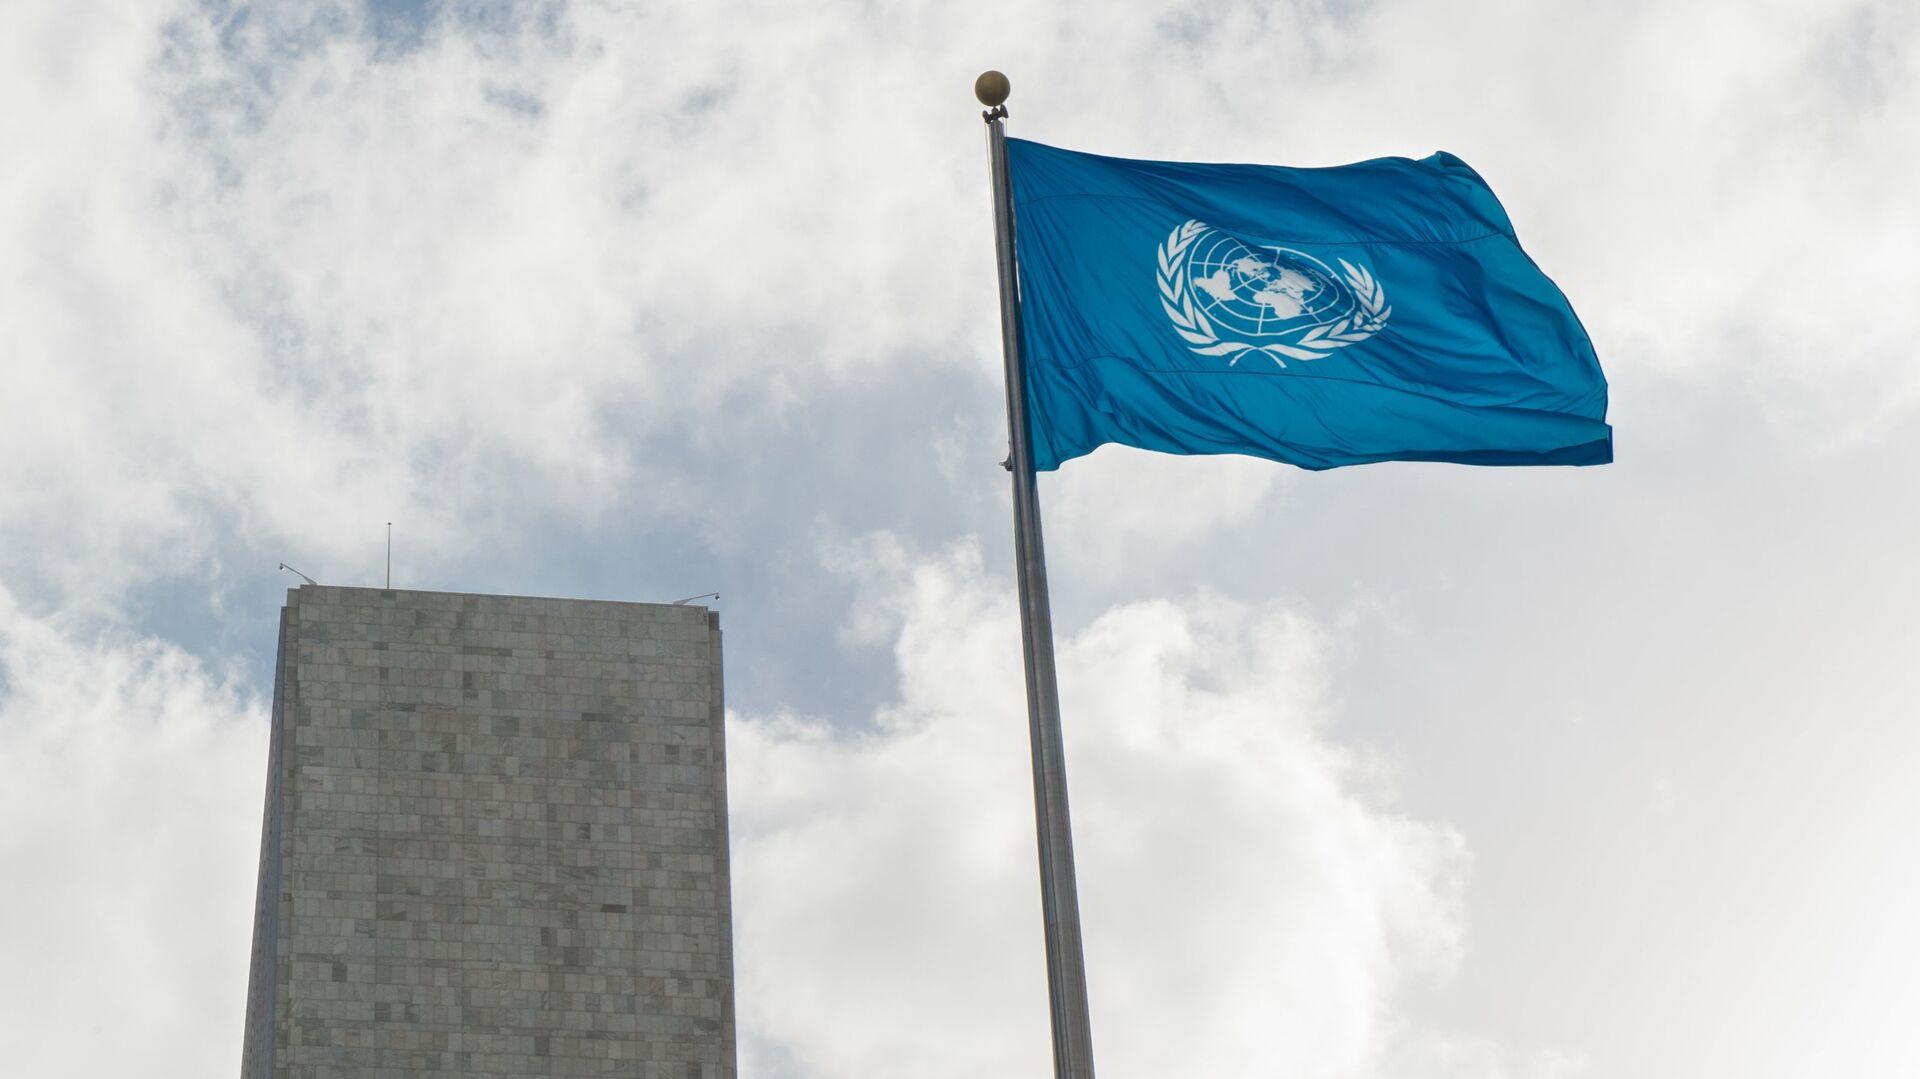 Флаг у Штаб-квартиры ООН - РИА Новости, 1920, 25.02.2021